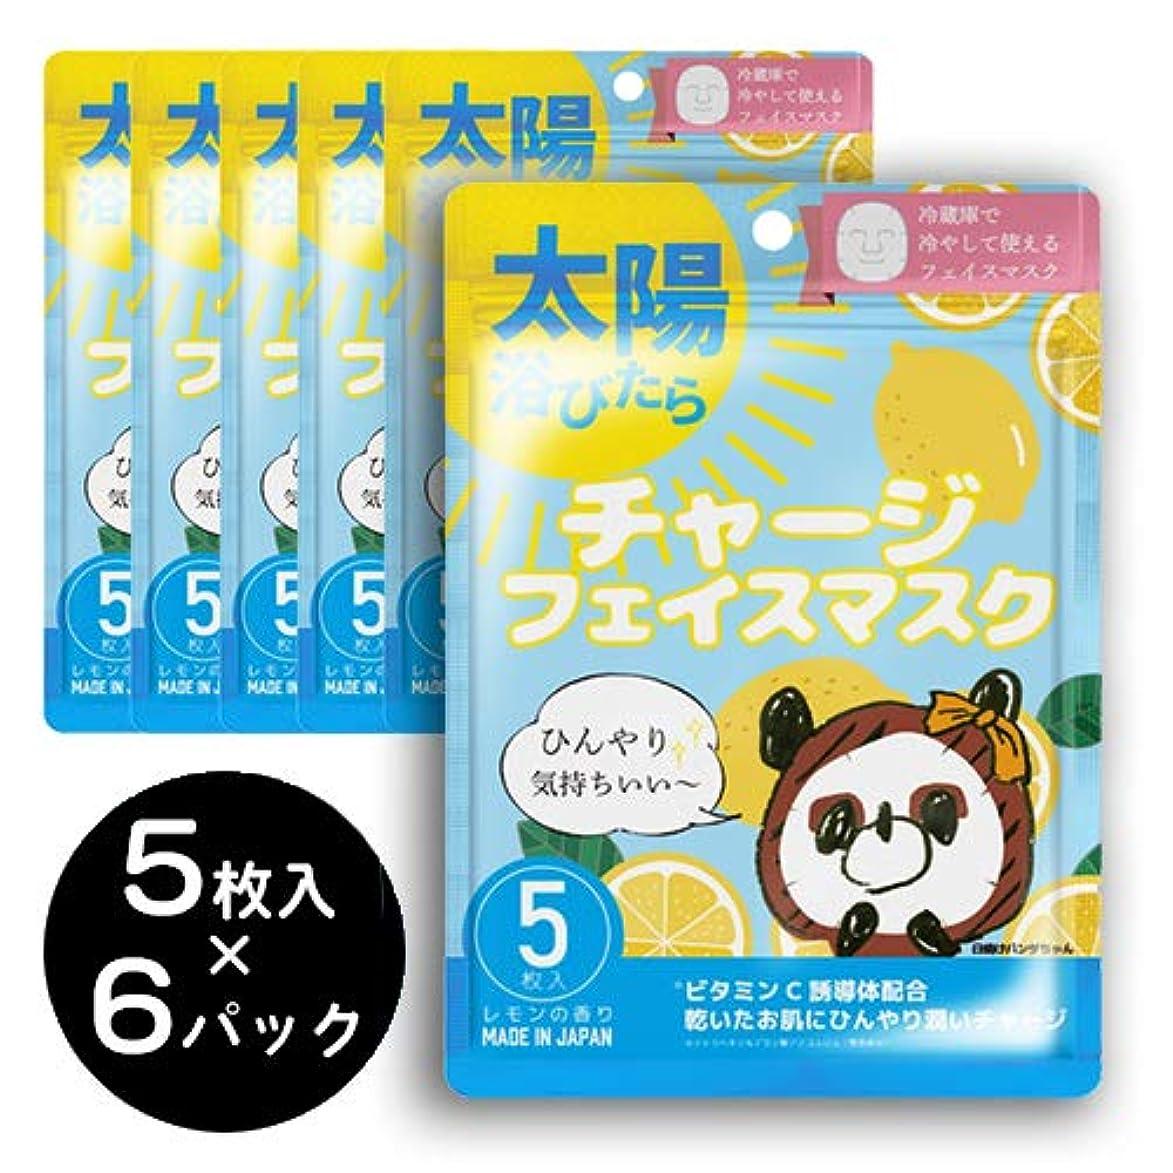 間欠先生品揃えチャージフェイスマスク:6個セット Charge Face Mask/美容 フェイスマスク 日焼け 潤い レモン スキンケア